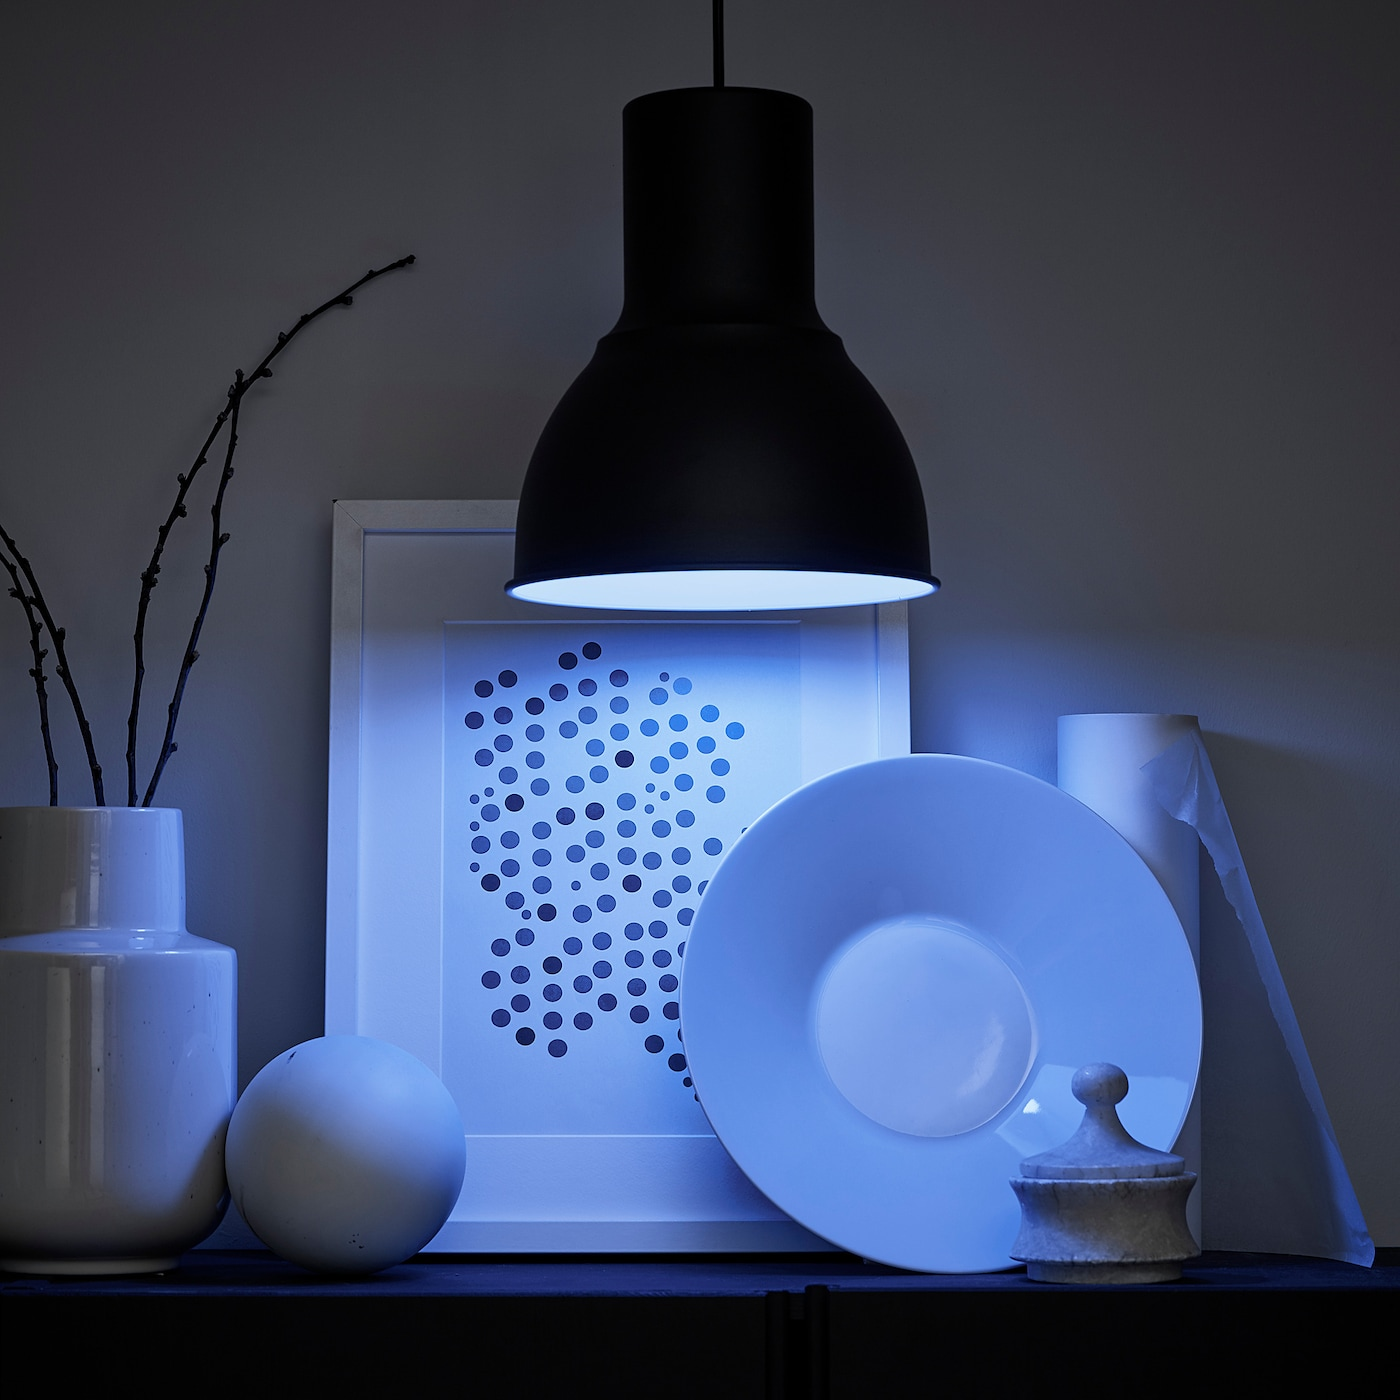 Tradfri Led Leuchtmittel E27 600 Lm Kabellos Dimmbar Farb Und Weissspektrum Rund Opalweiss Ikea Osterreich